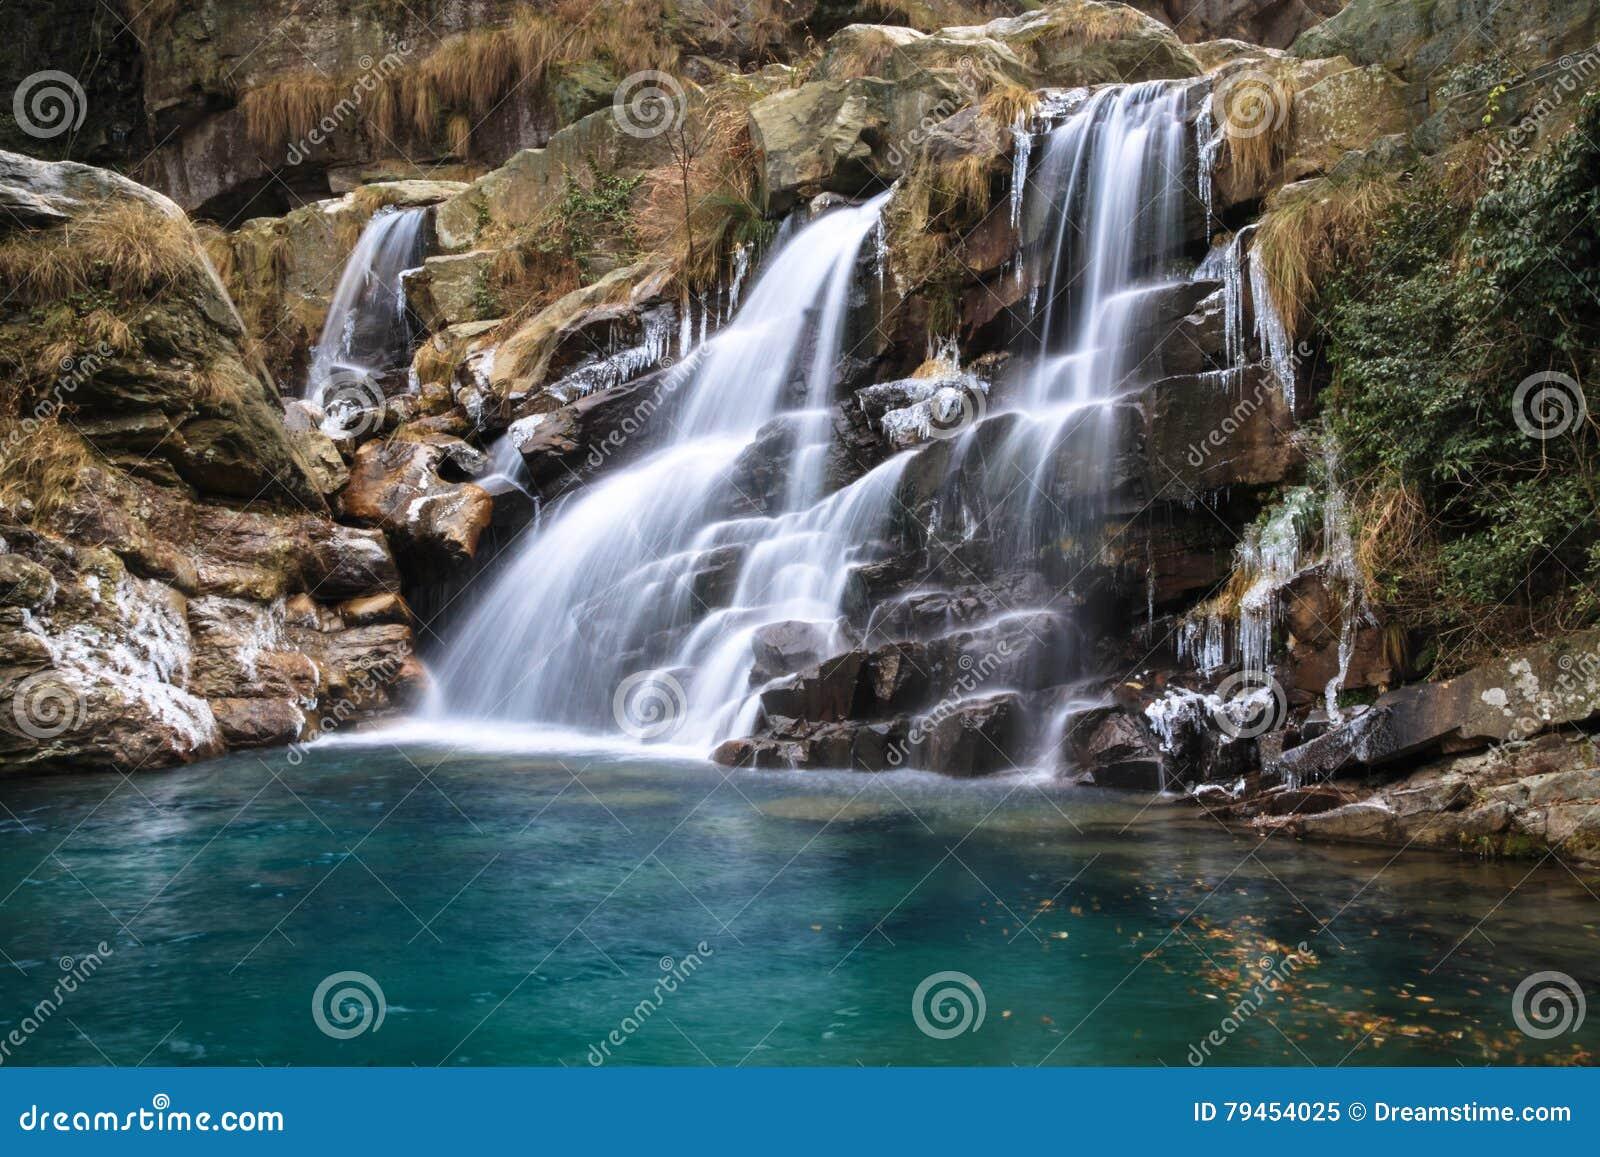 Wasserfall Am Winter, Eiszapfen Mit Tiefem Pool